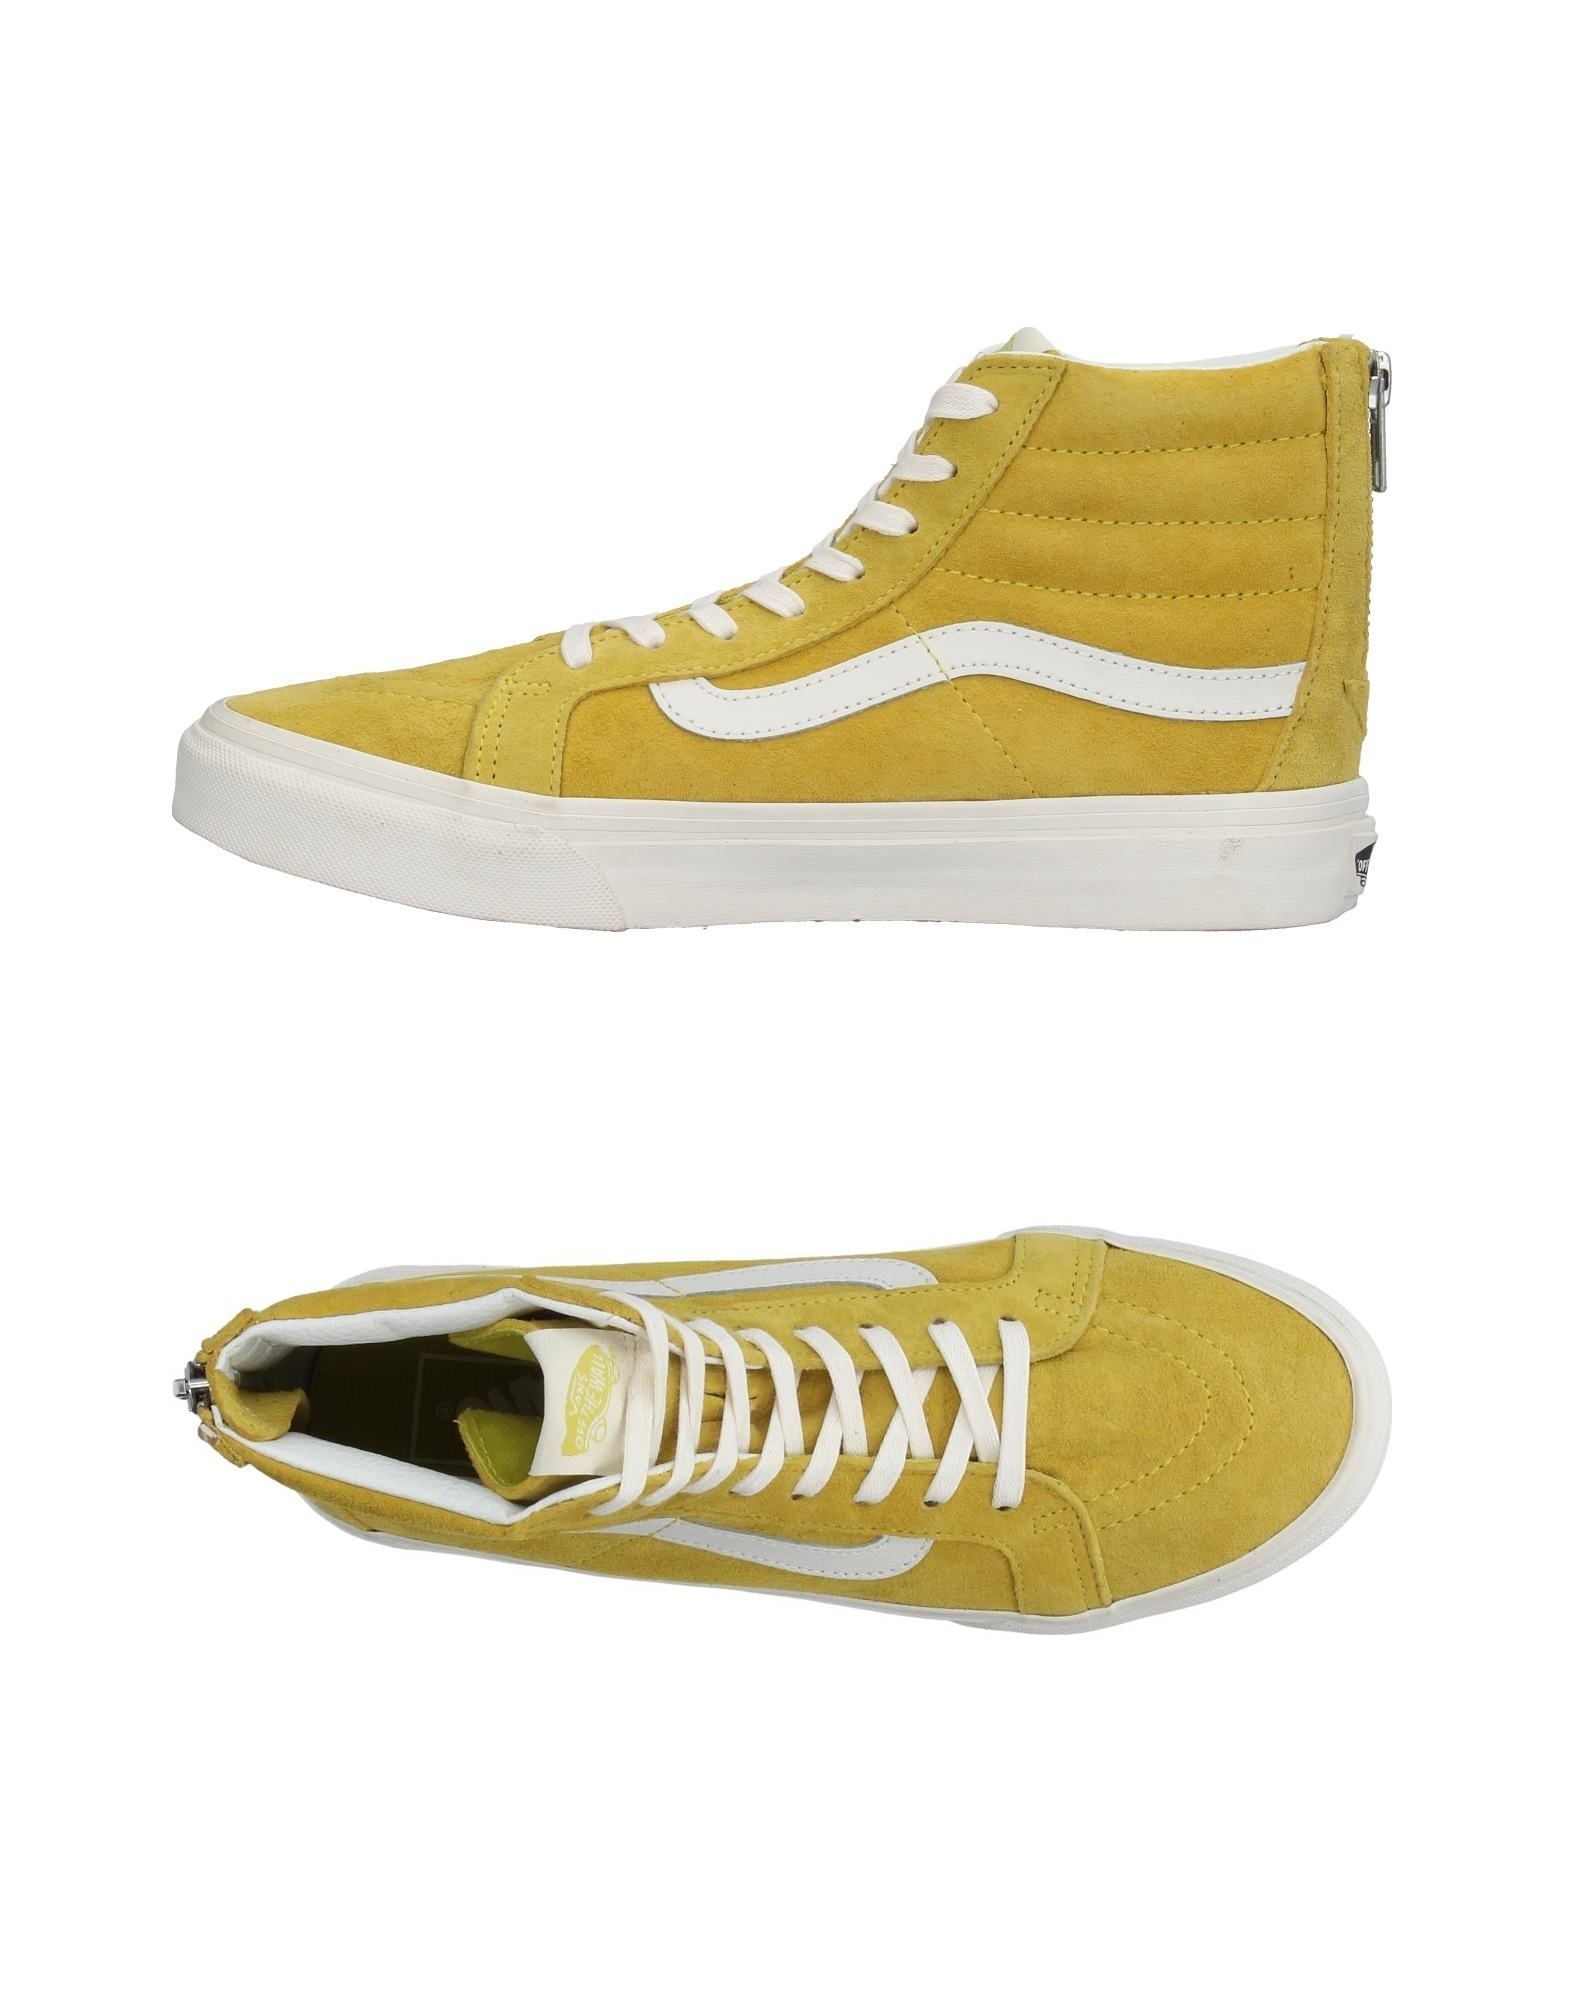 Moda Sneakers Vans Donna - 11174394WT 11174394WT - 05fcb6